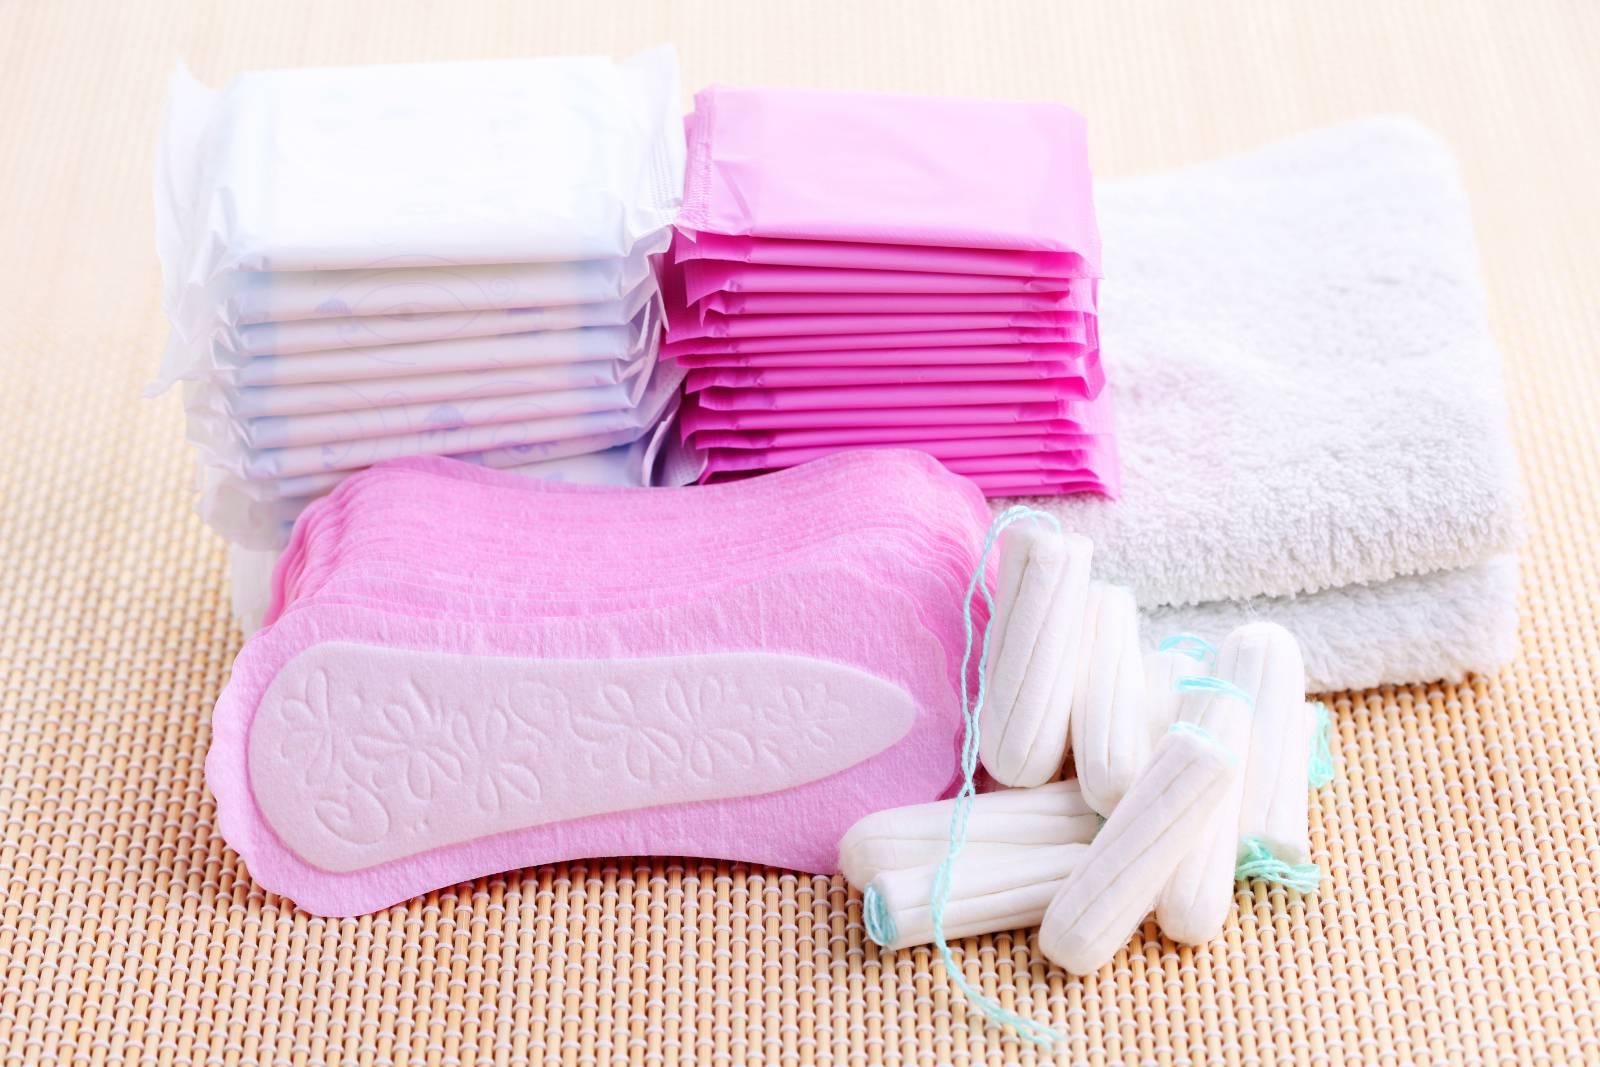 Виды прокладок для женщин виды прокладок для женщин